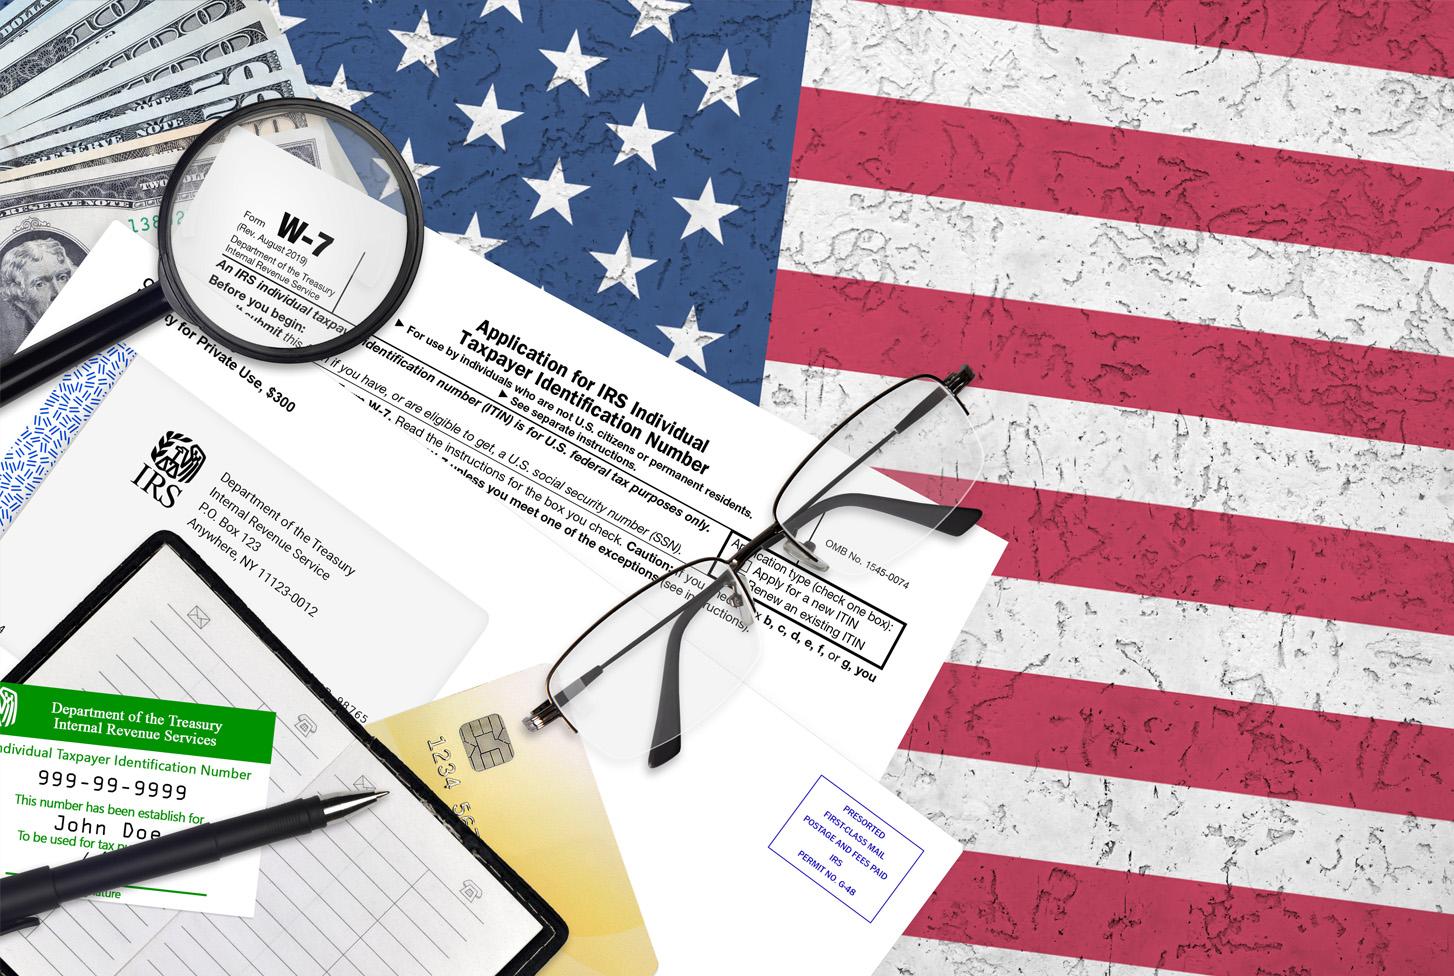 Personas sin documentos en California que declaran impuestos con ITIN por primera vez califican para recibir reembolsos3 min read